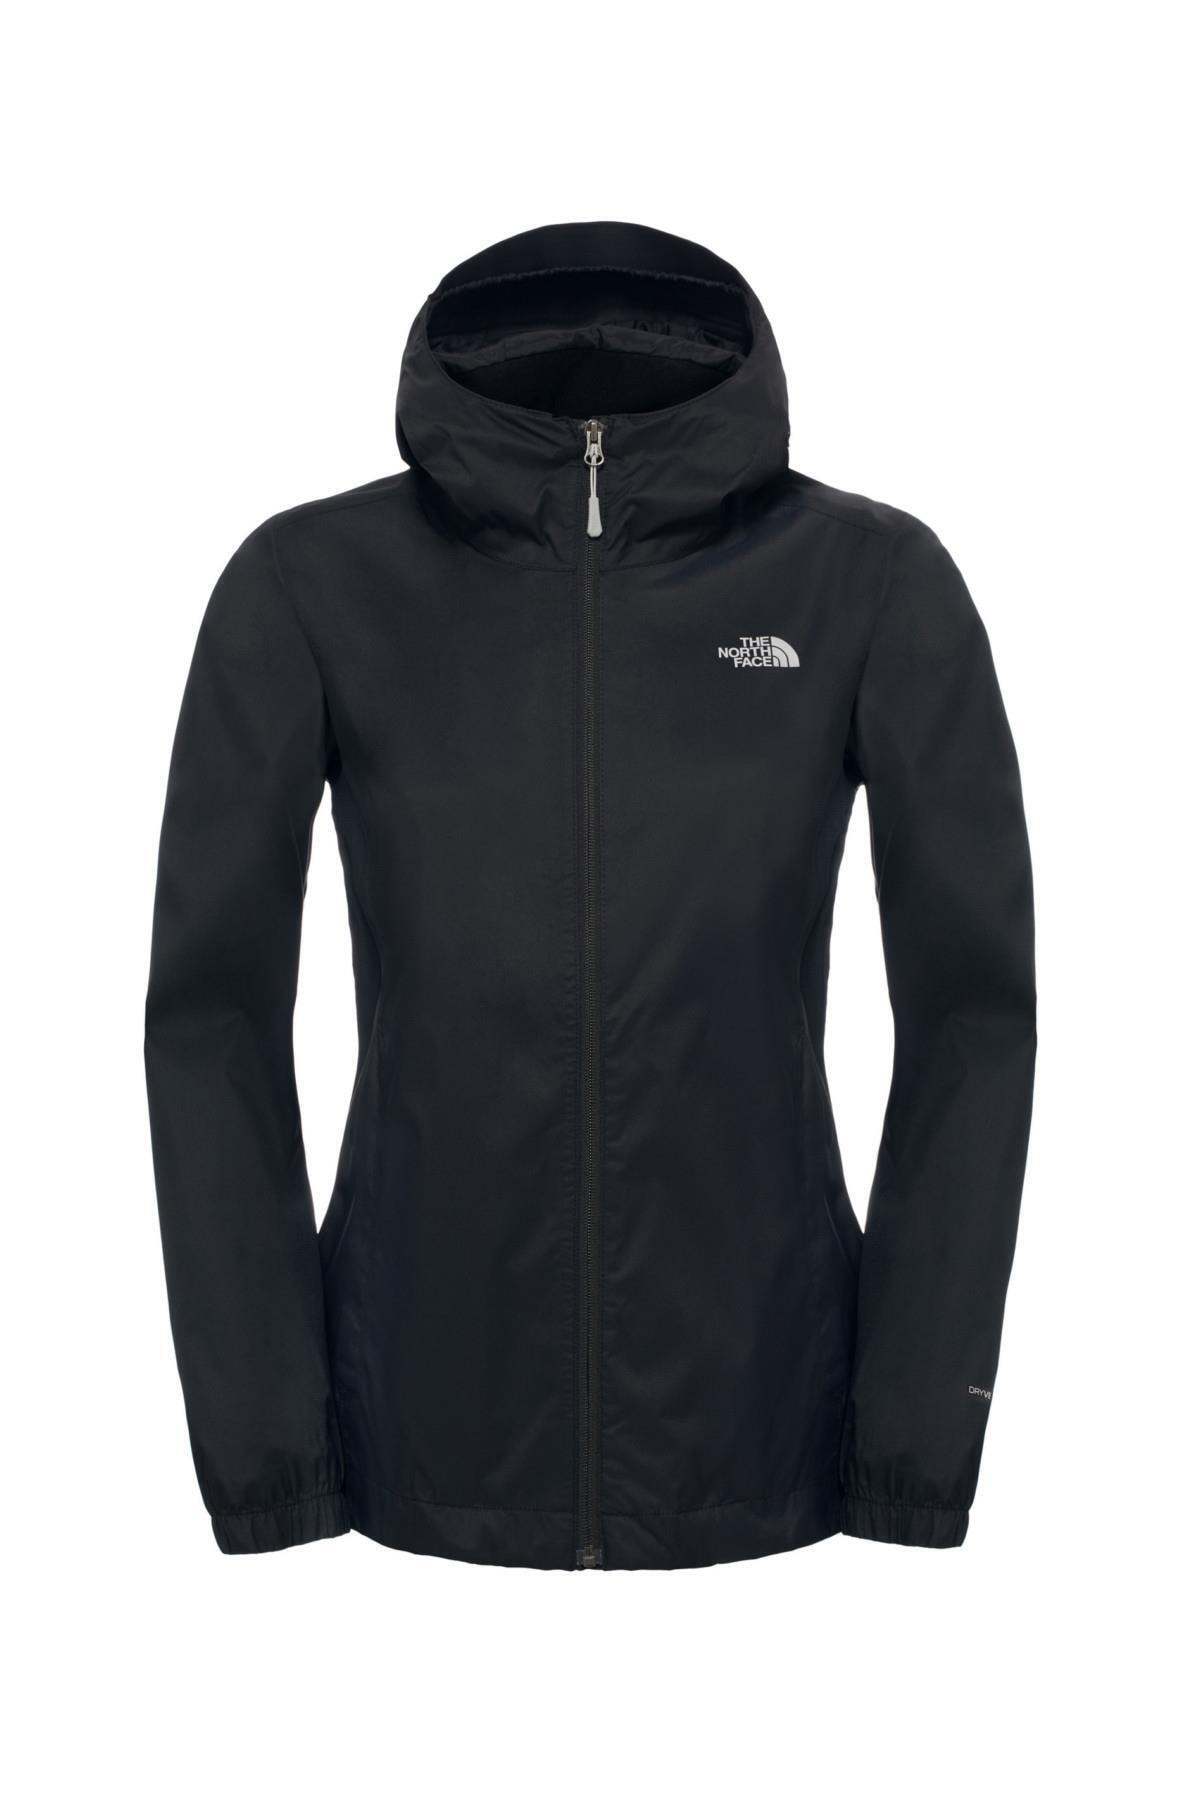 خرید کاپشن ورزشی مردانه برند نورث فیس The North Face رنگ مشکی کد ty2853388